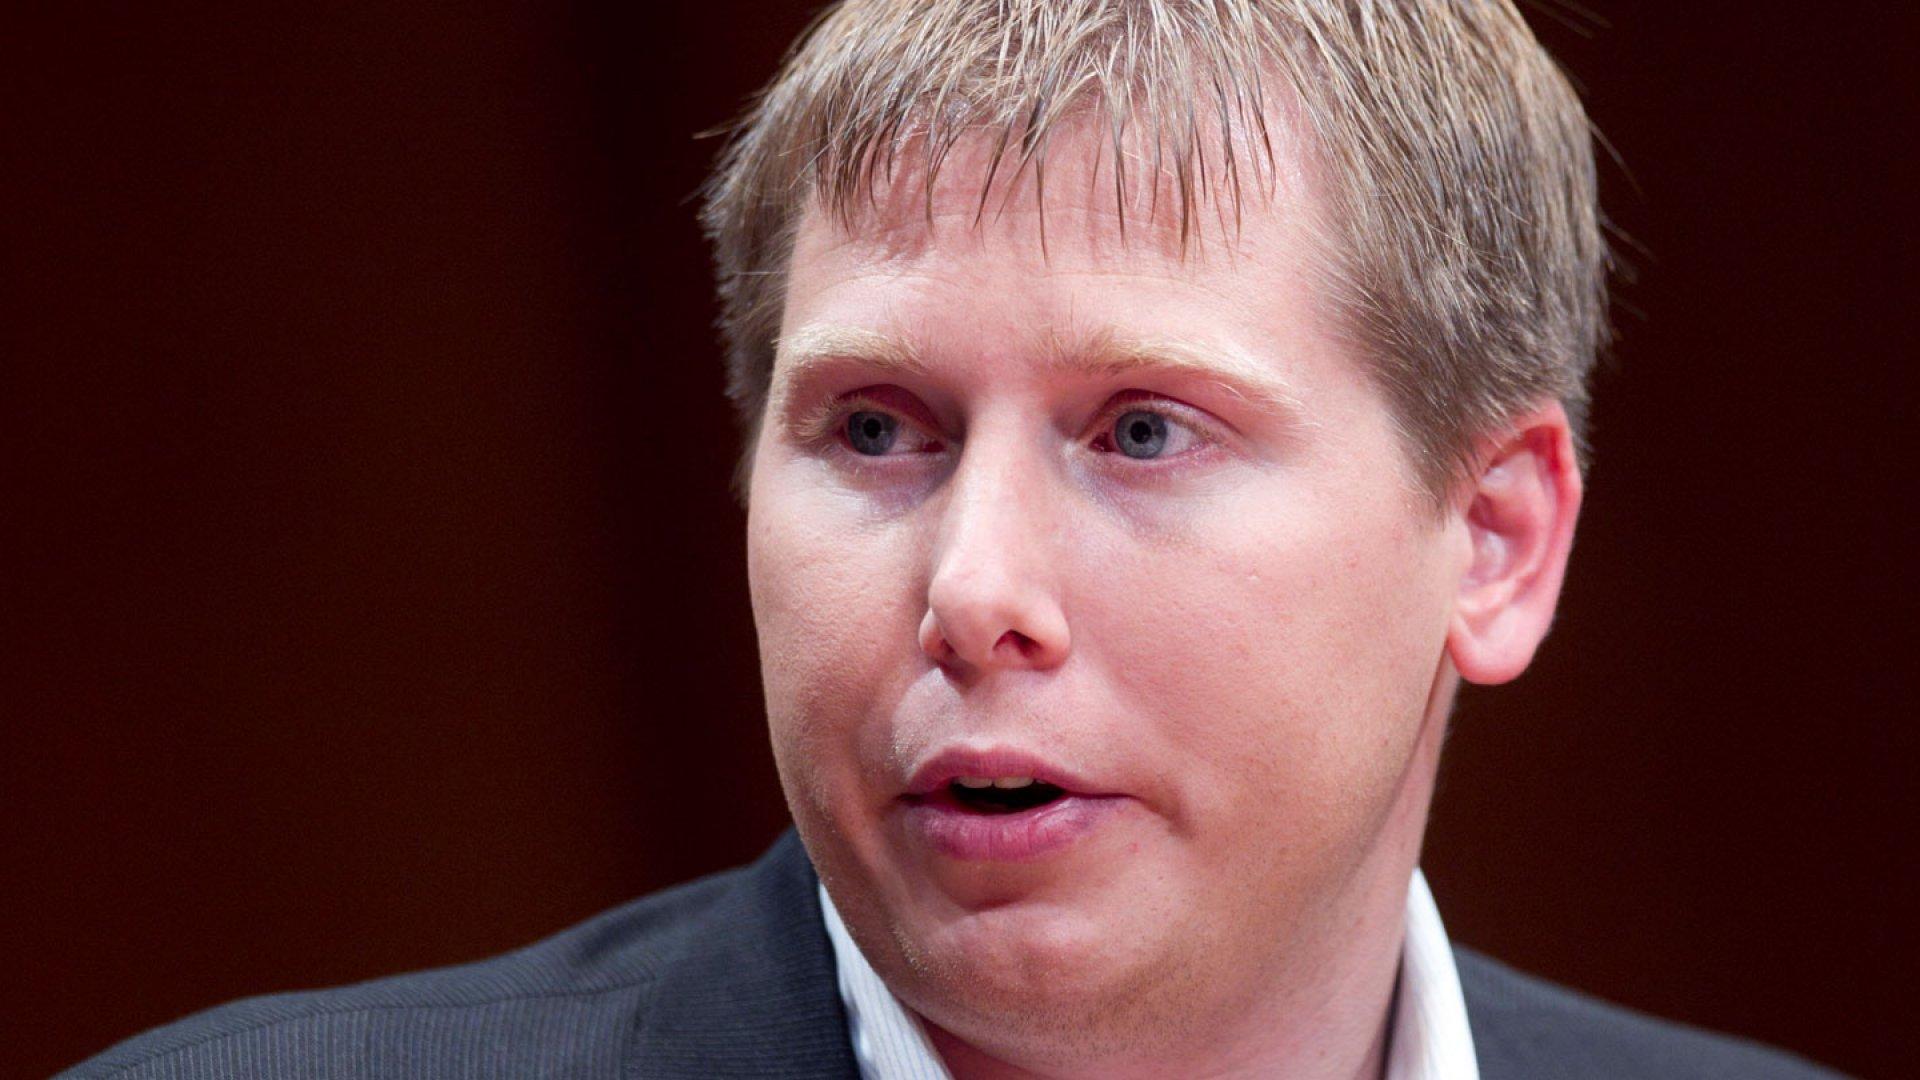 Barry Silbert, CEO of SecondMarket